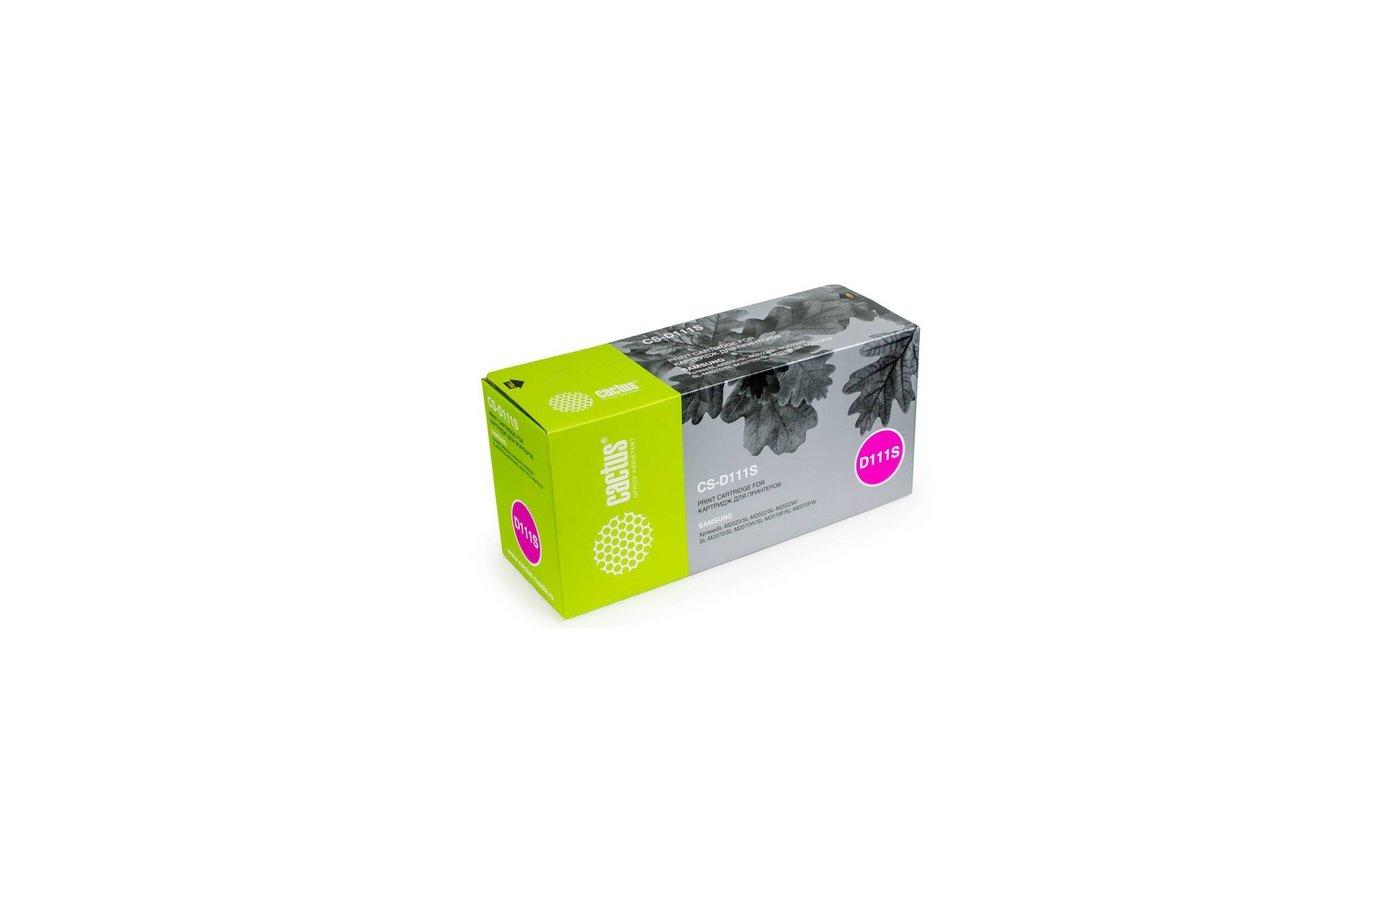 Картридж лазерный Cactus CS-D111S черный для Samsung Xpress M2022/M2020/M2021/M2020W/M2070 (1000стр.)